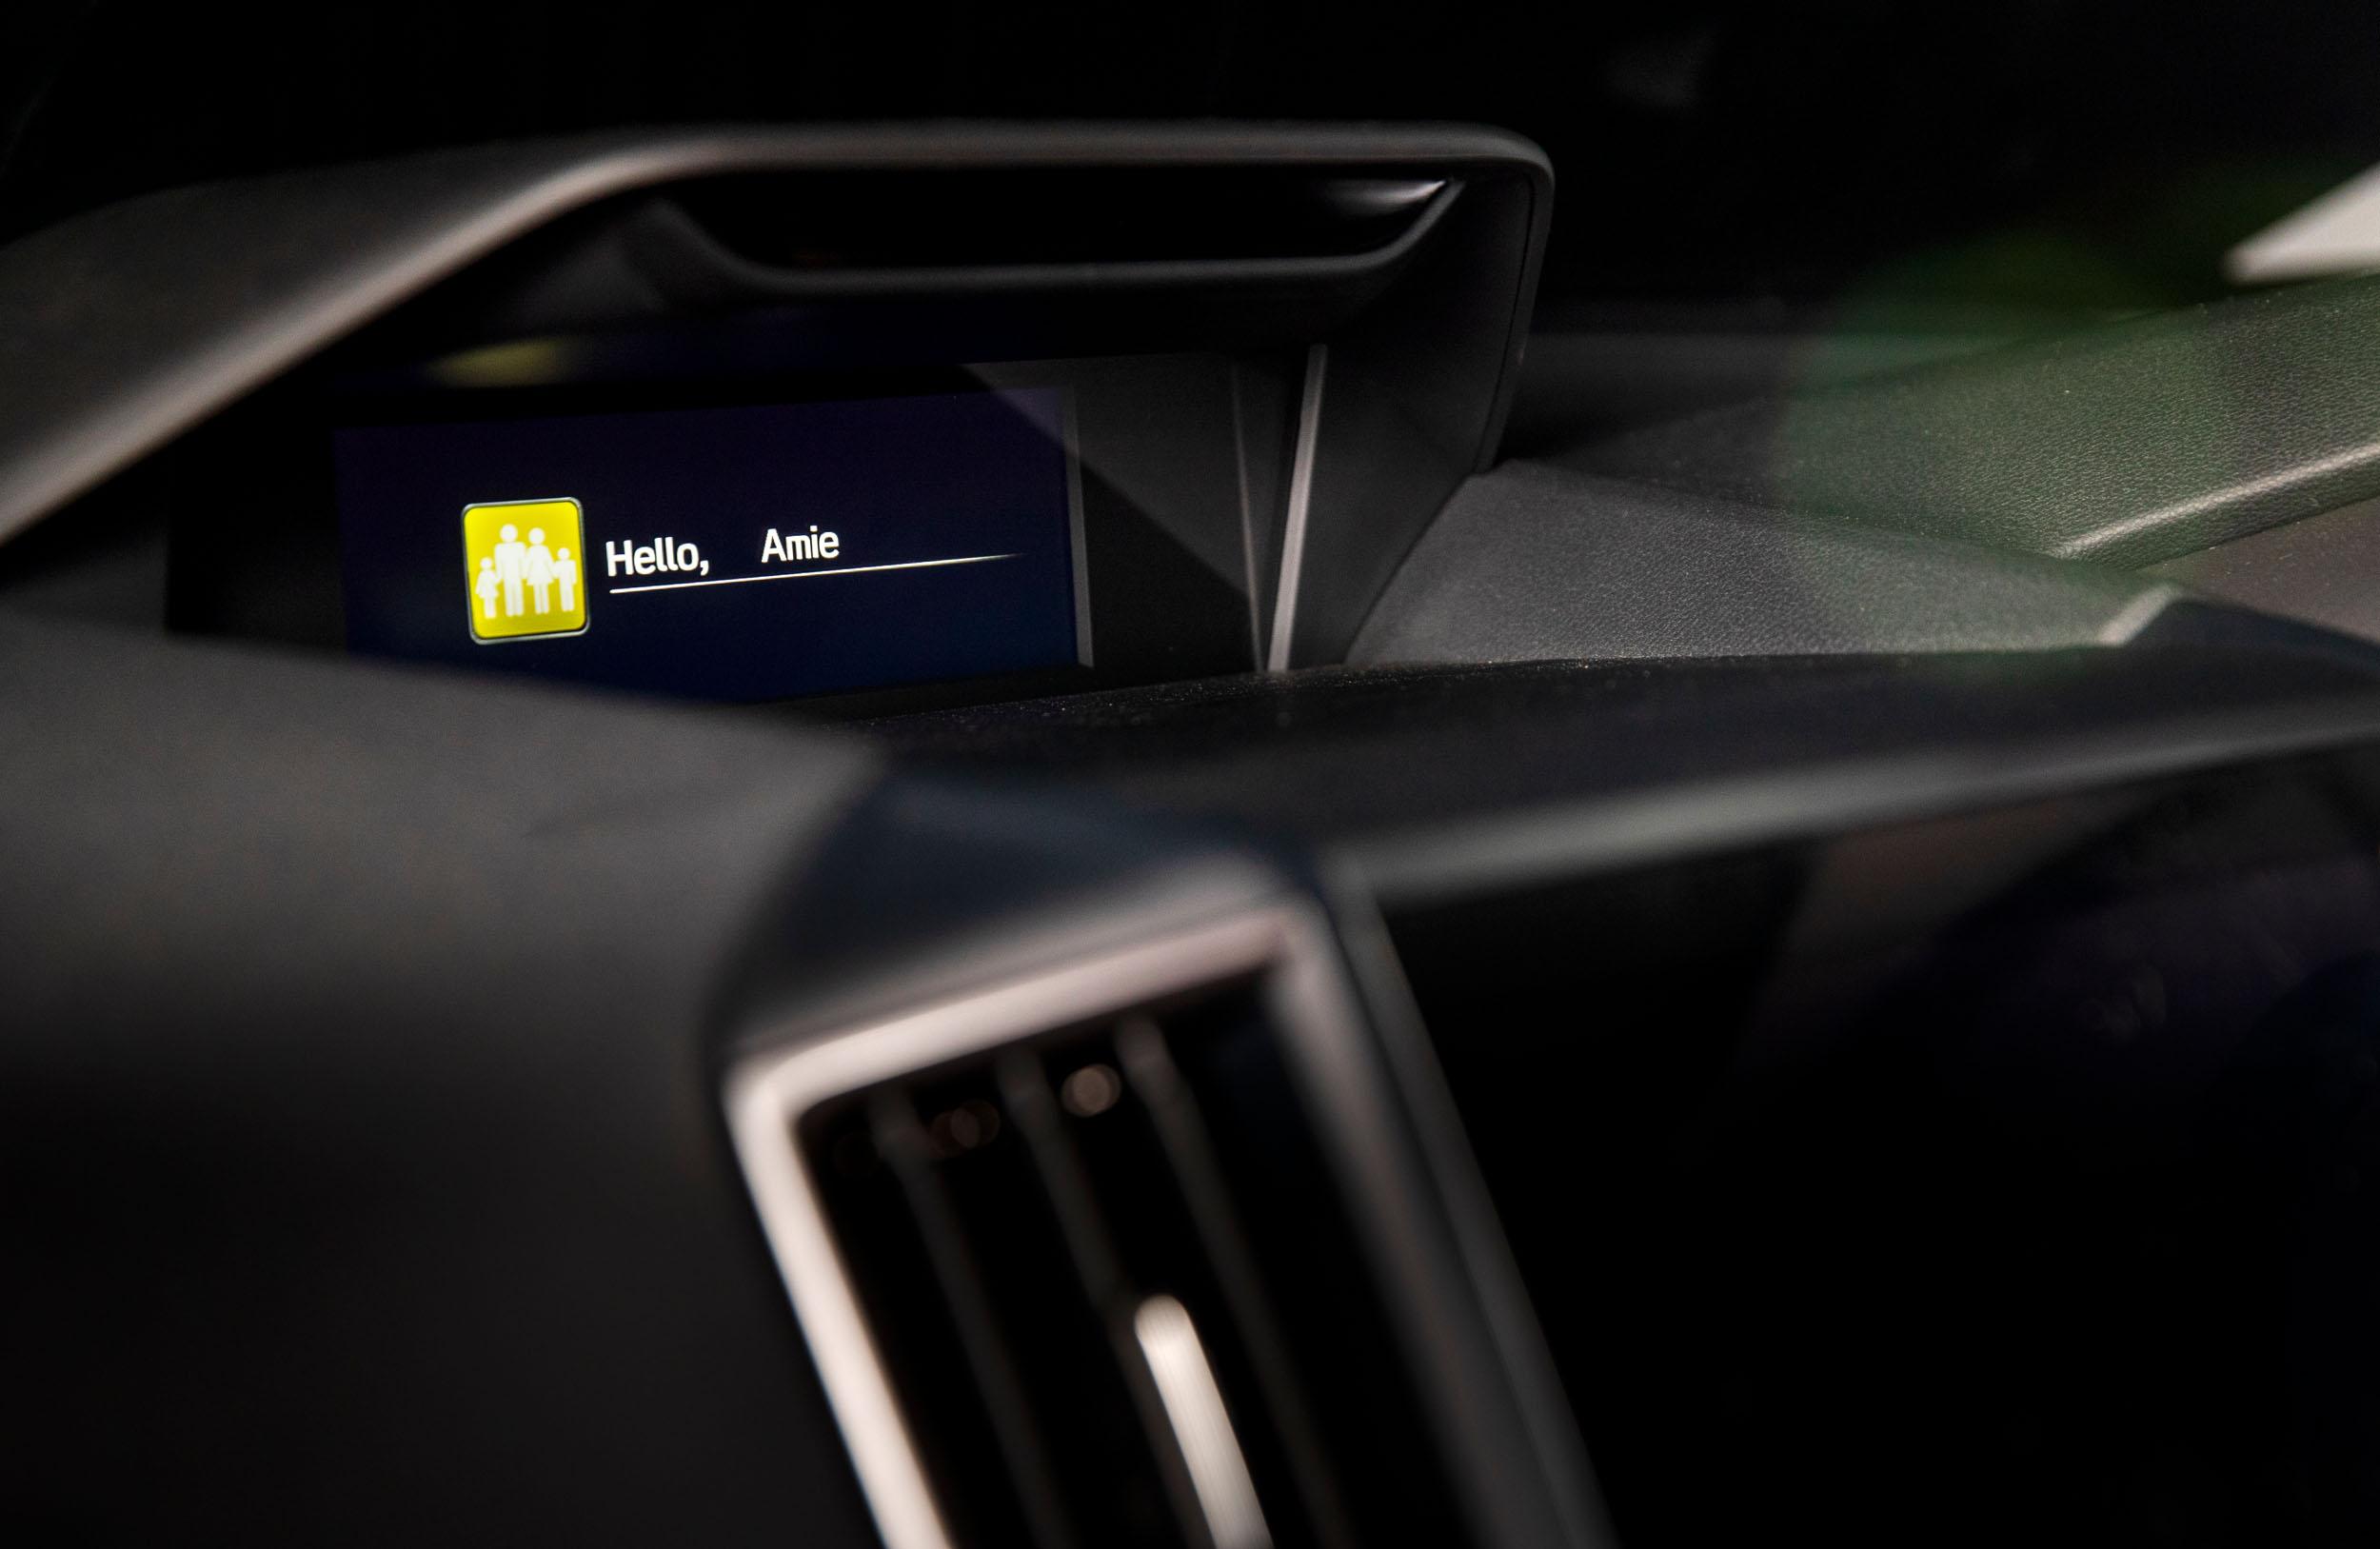 Subaru Forester 2.5 Premium interior LR 13.jpg